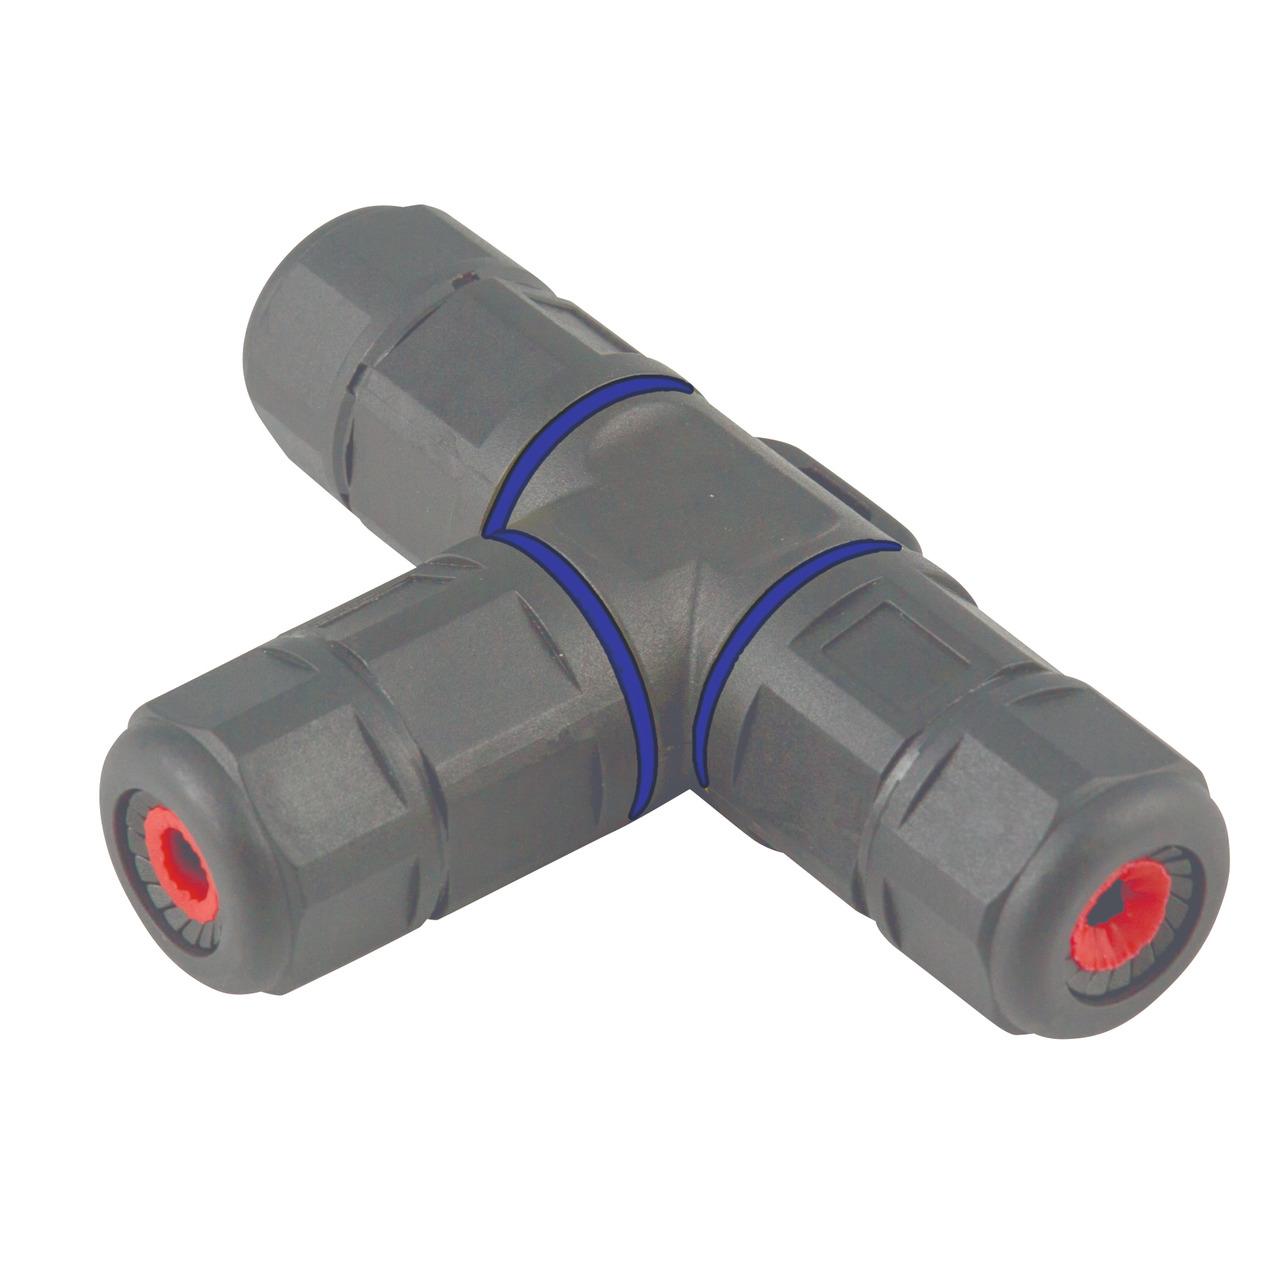 Heitronic T-Kabelverbinder- 3-polig- IP68- wasserdicht bis 1 m